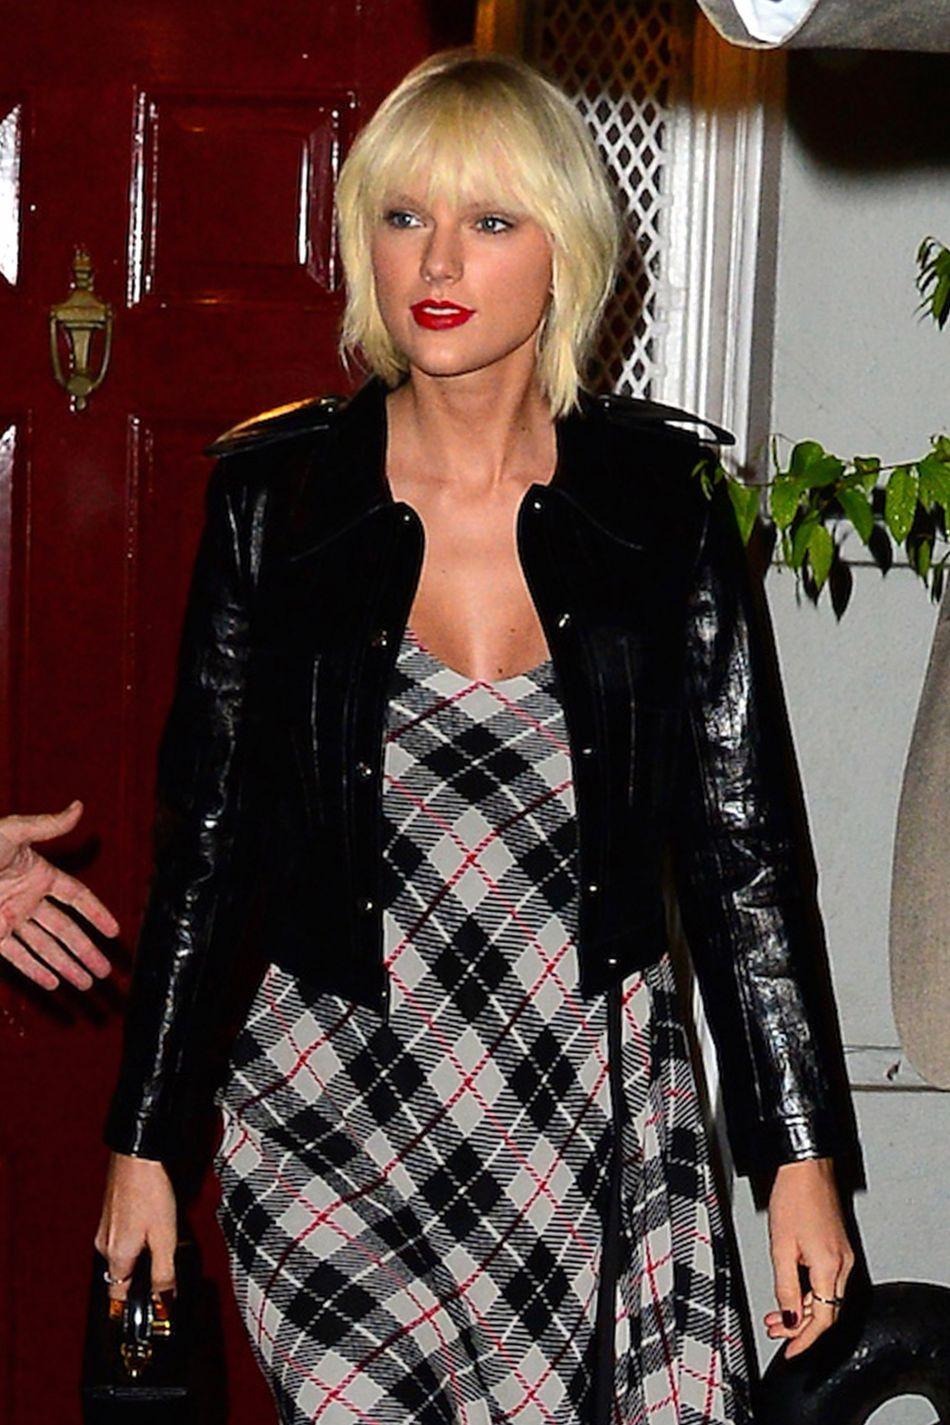 C'est dans un communiqué que Taylor Swift a révélé avoir participé au tube, sous un pseudonyme.